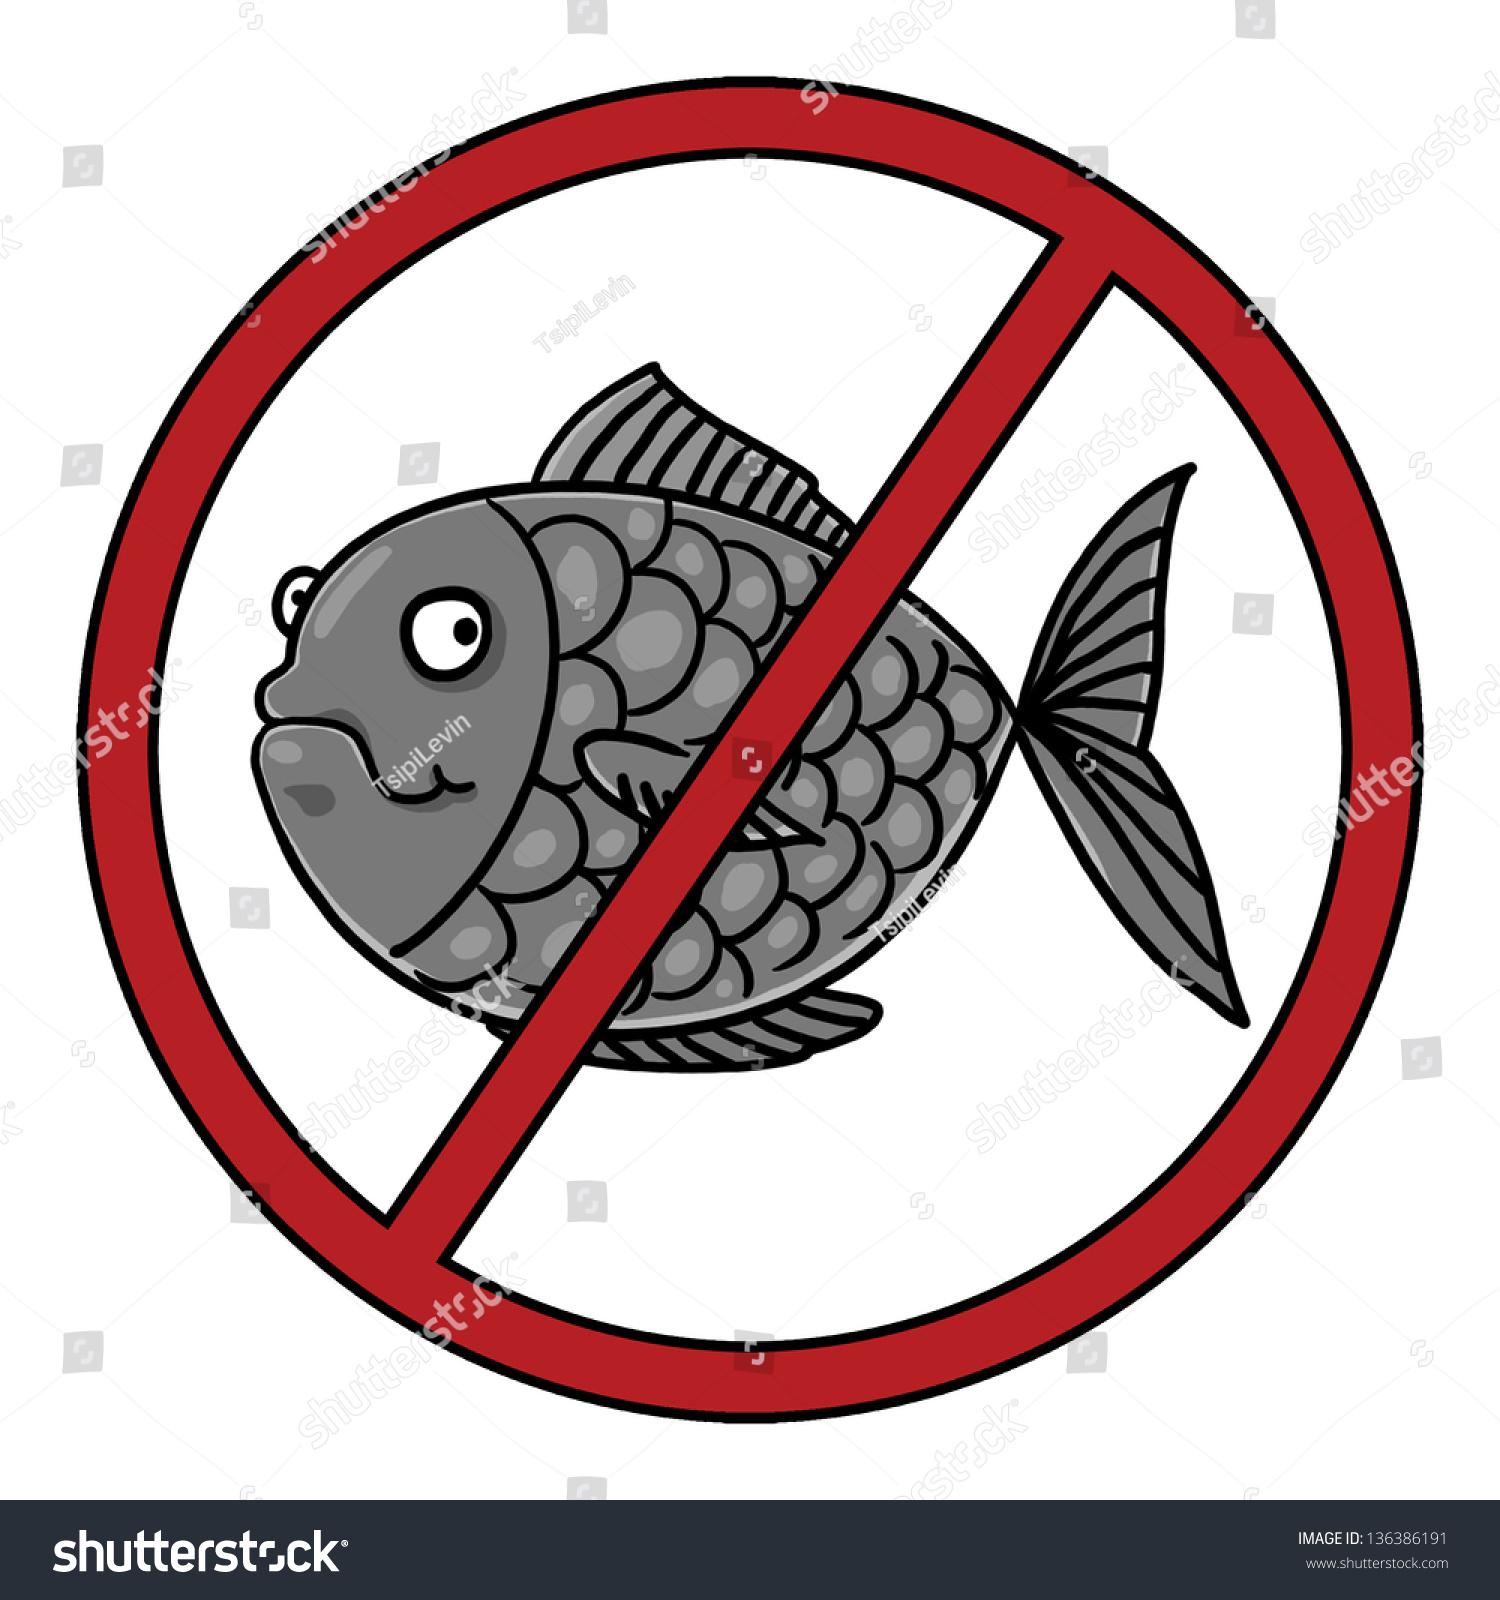 Fish Free Symbol No Fish Icon Stock Illustration 136386191 ...